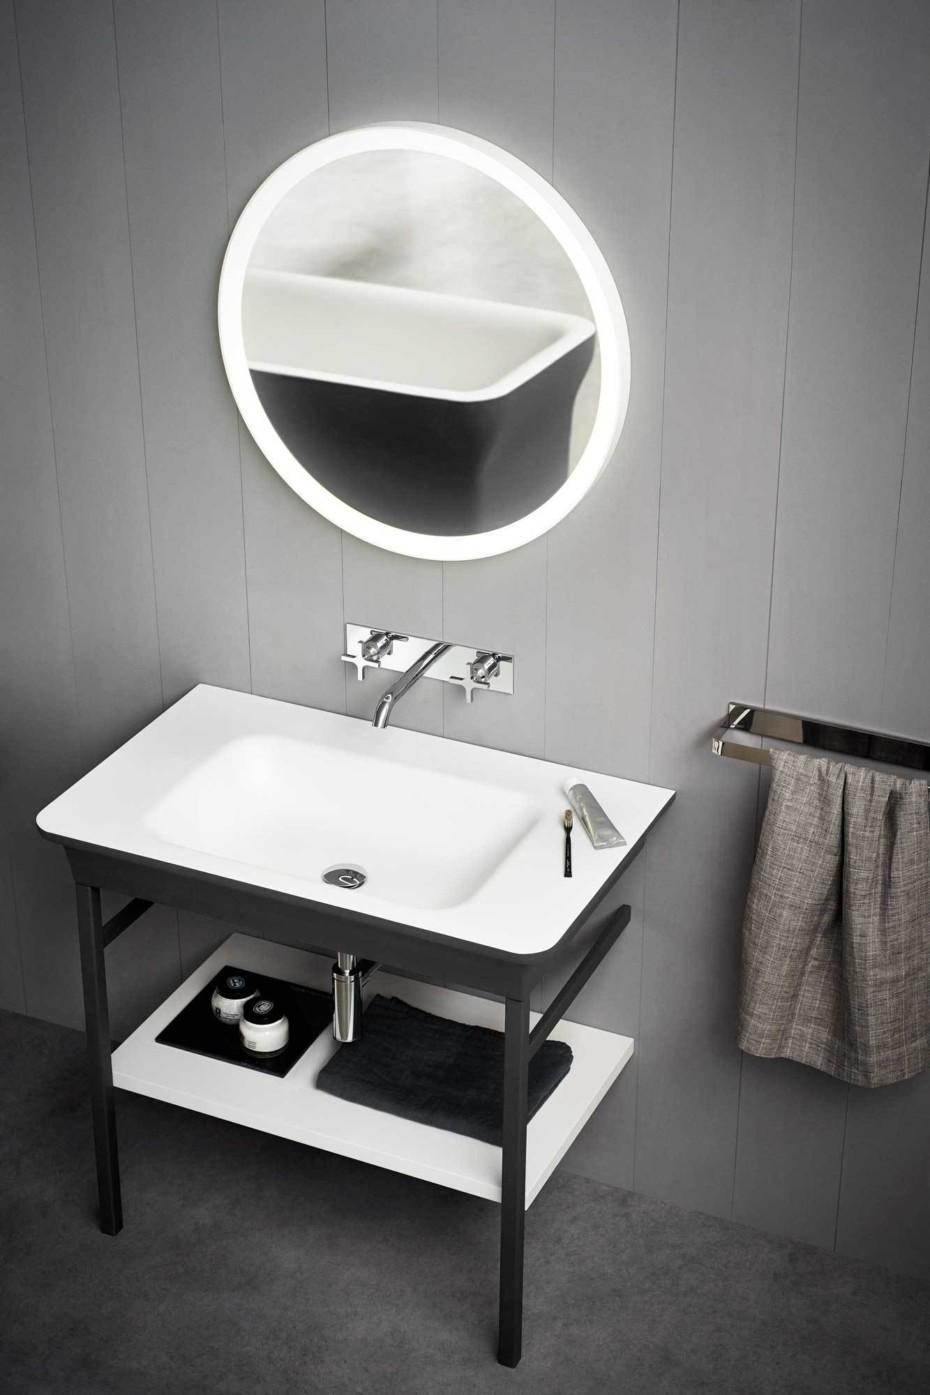 Novecento xl waschbecken von agape stylepark for Designbest outlet